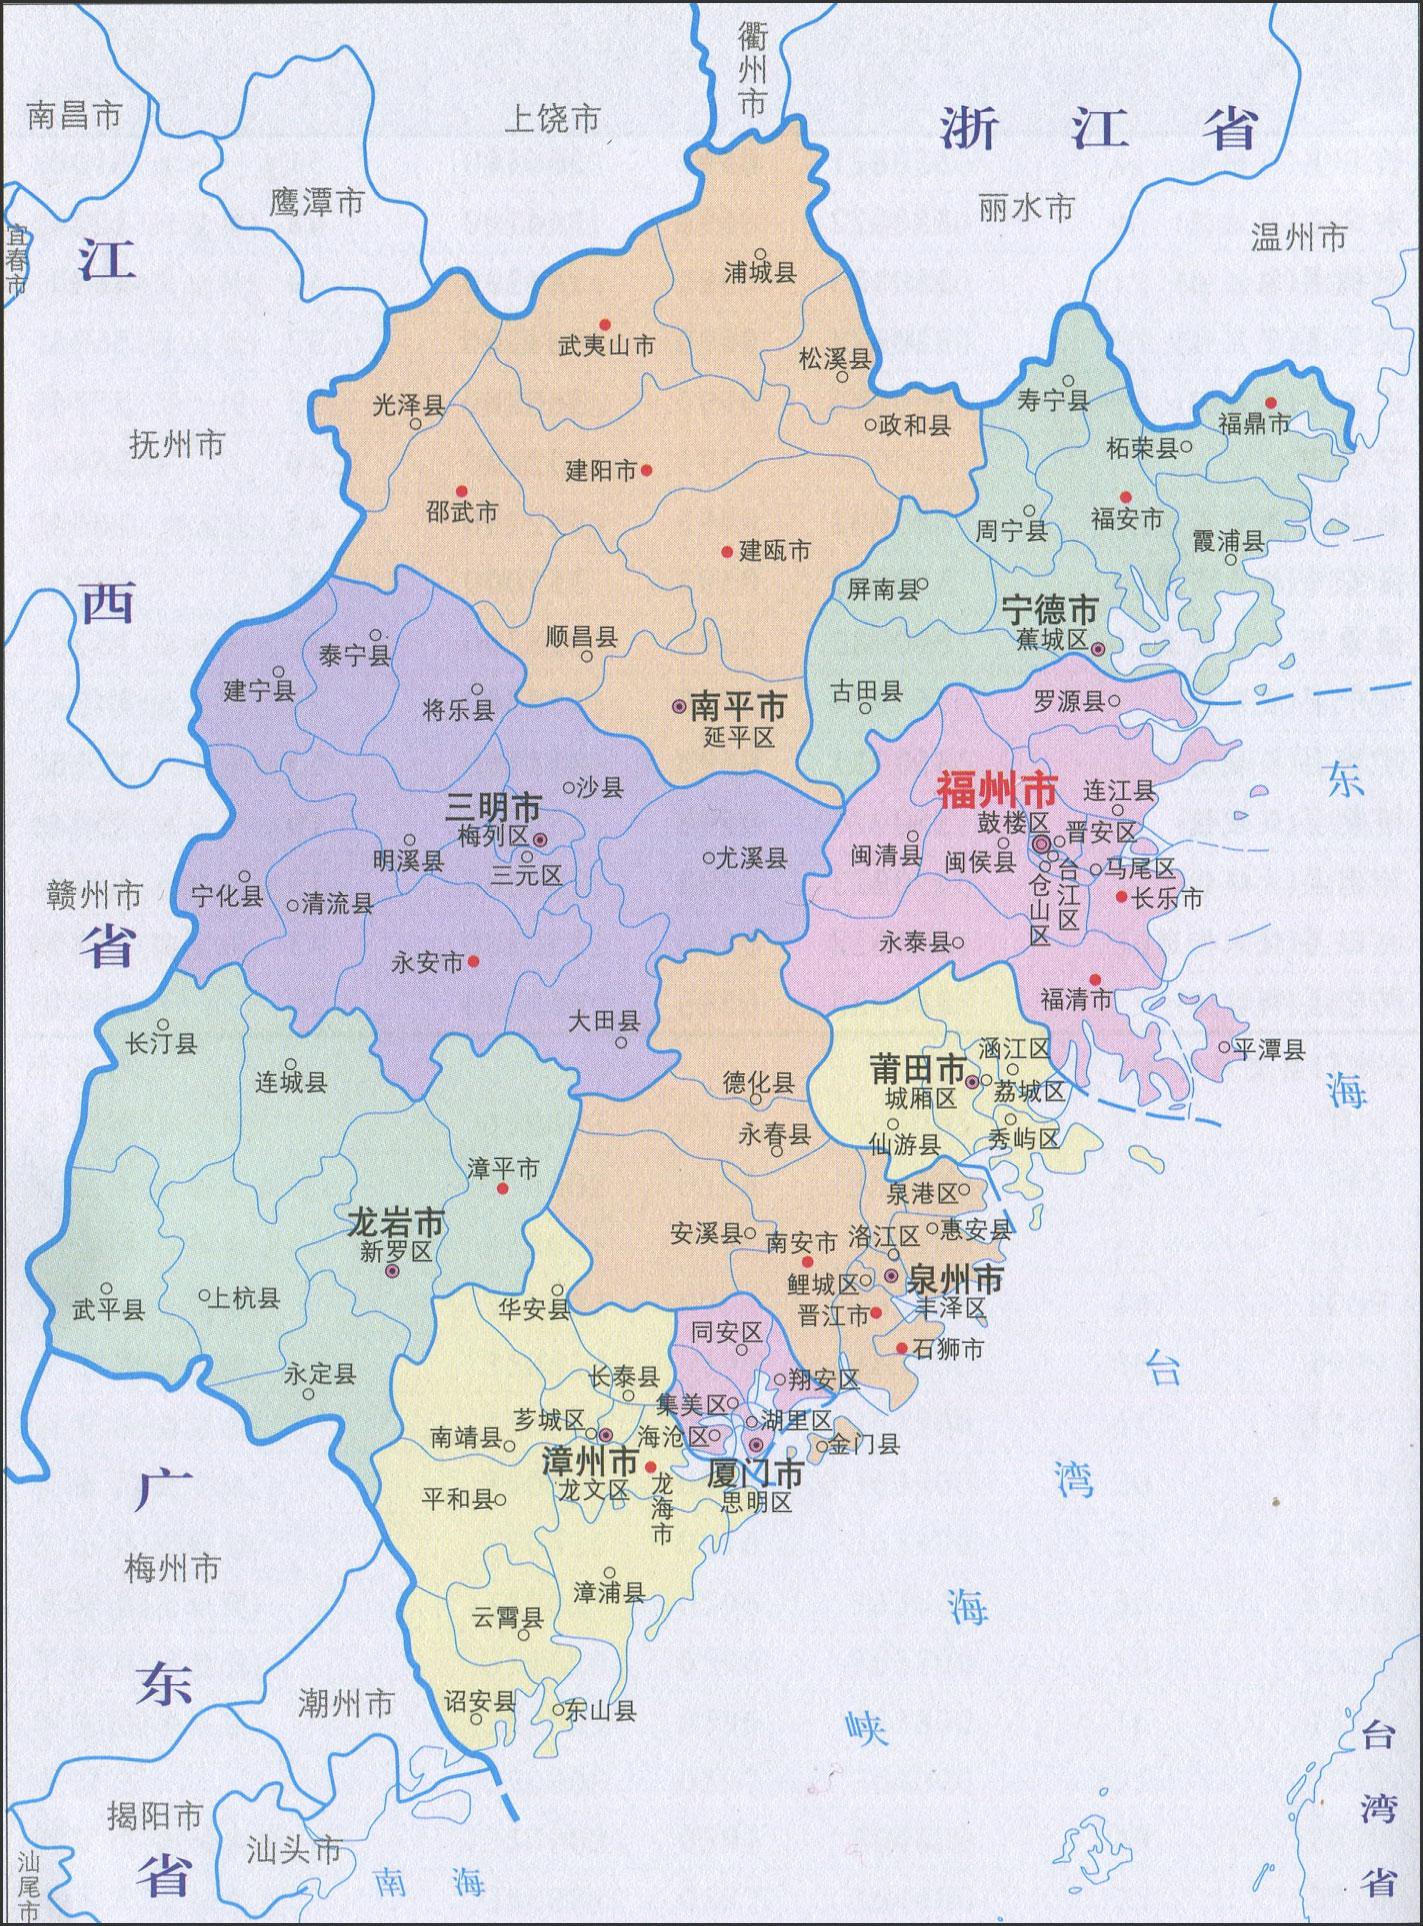 地图库 中国地图 专题 行政简图 >> 福建行政区划简图  栏目导航:行政